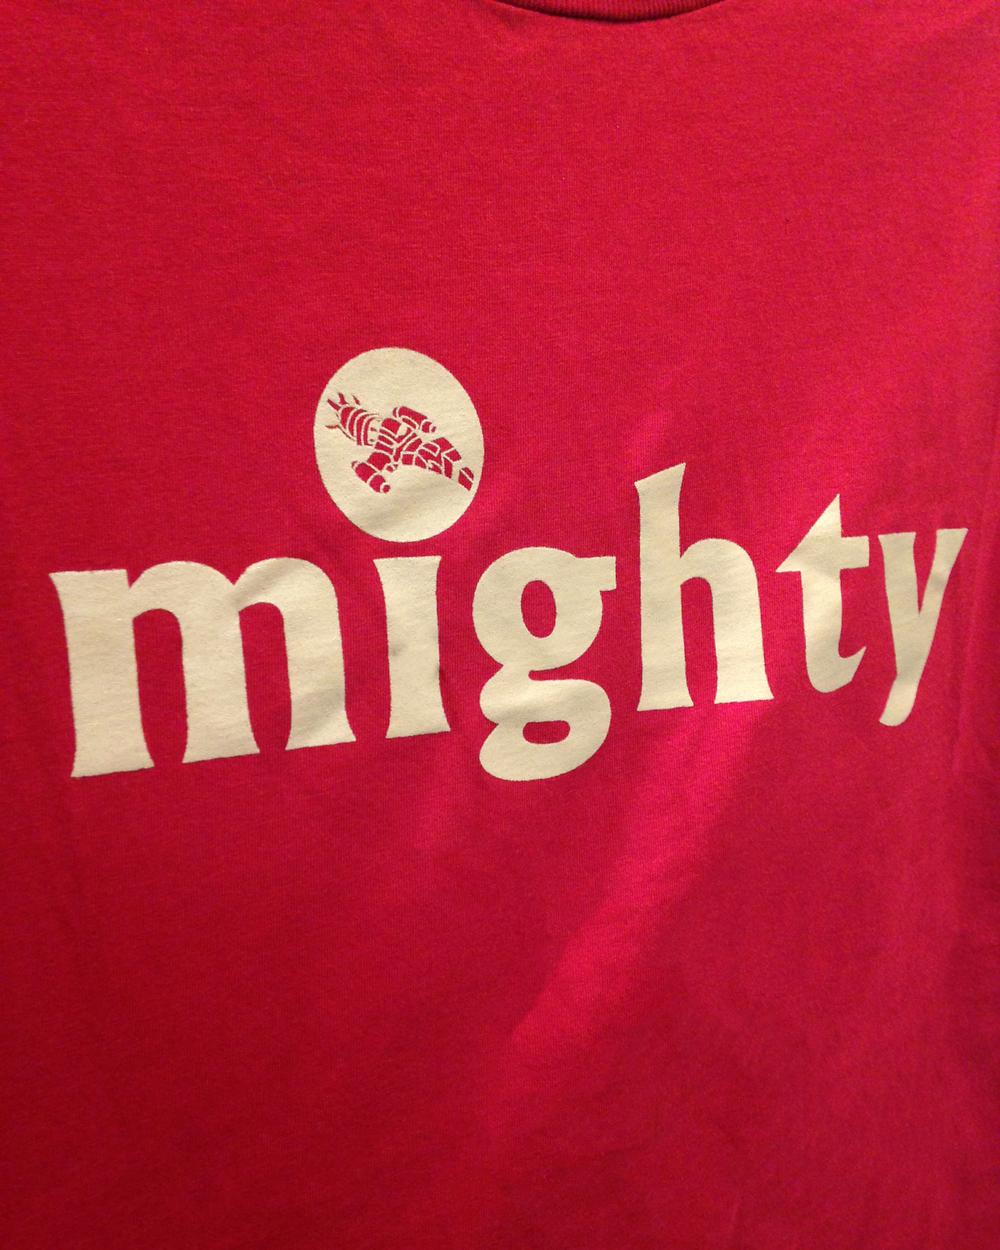 mighty_firefly_tee_2.jpg